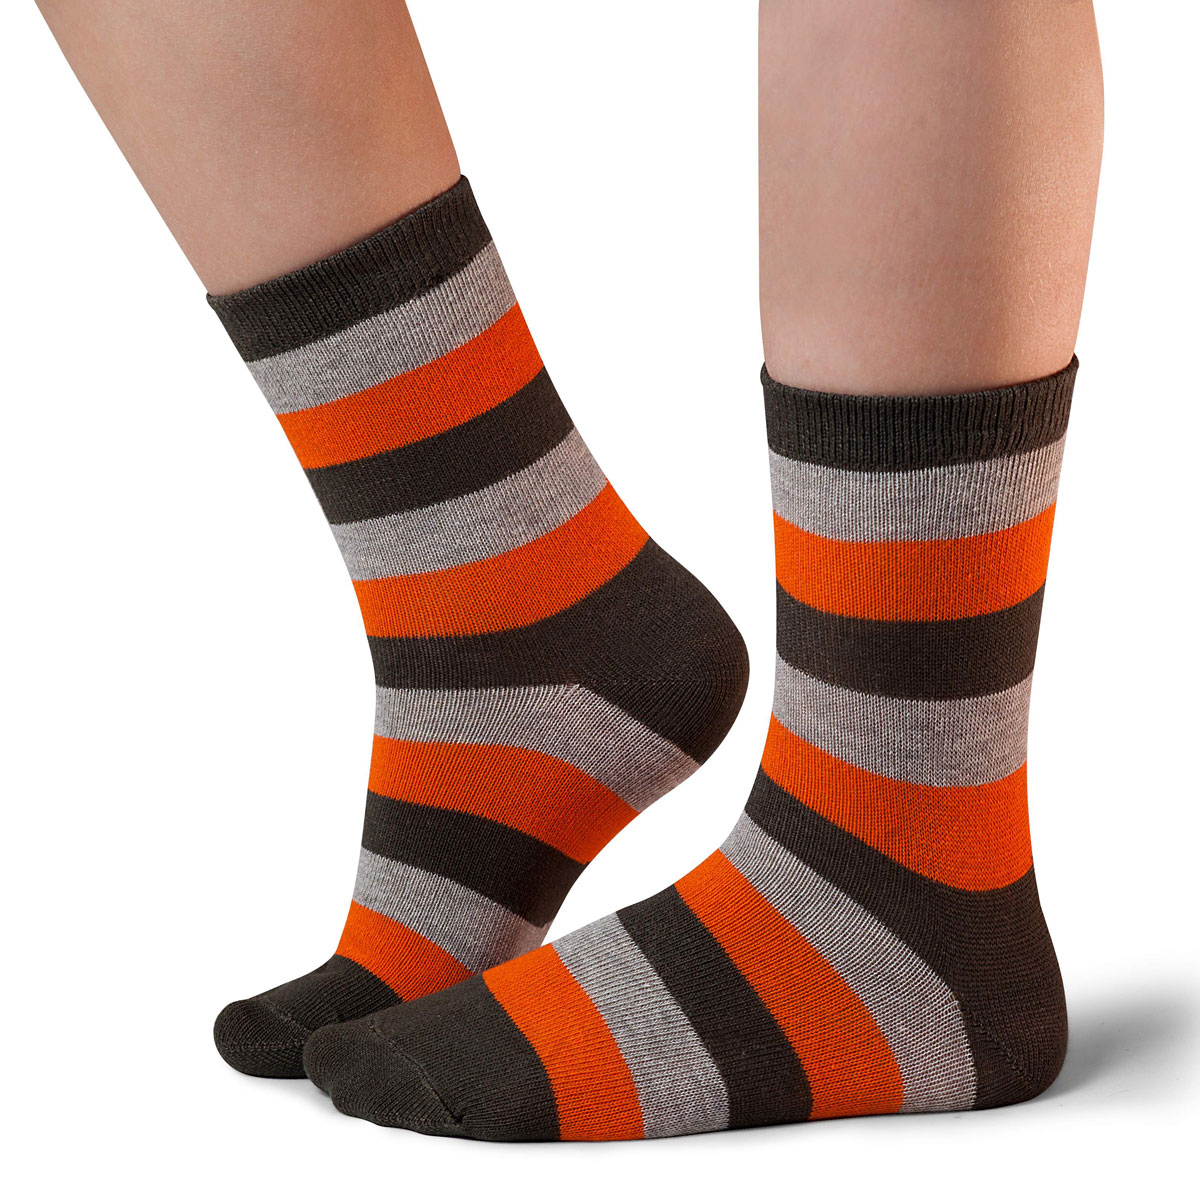 Носки для мальчика Idilio, цвет: темно-зеленый, оранжевый. SB19. Размер 30/32SB19Комфортные носки для мальчиков с добавлением экологически чистого хлопка, изготовленные без применения химических красителей.